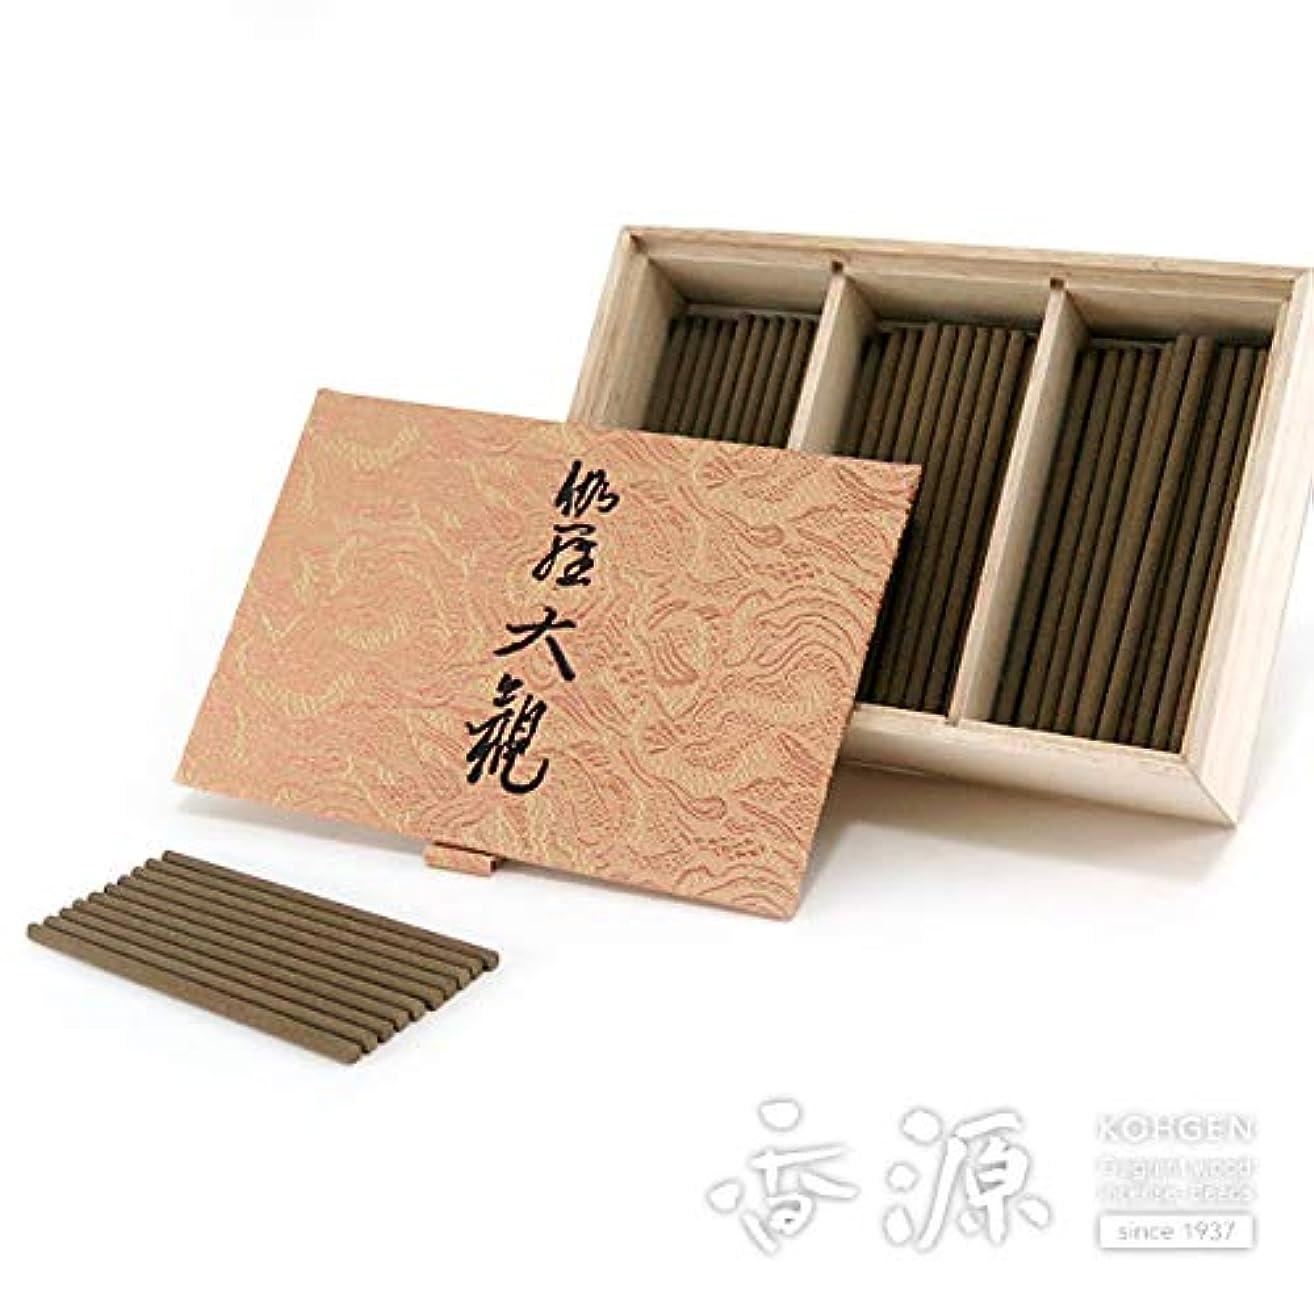 決済滅多組み合わせ日本香堂のお香 伽羅大観 スティックミニ寸お徳用 120本入り【送料無料】